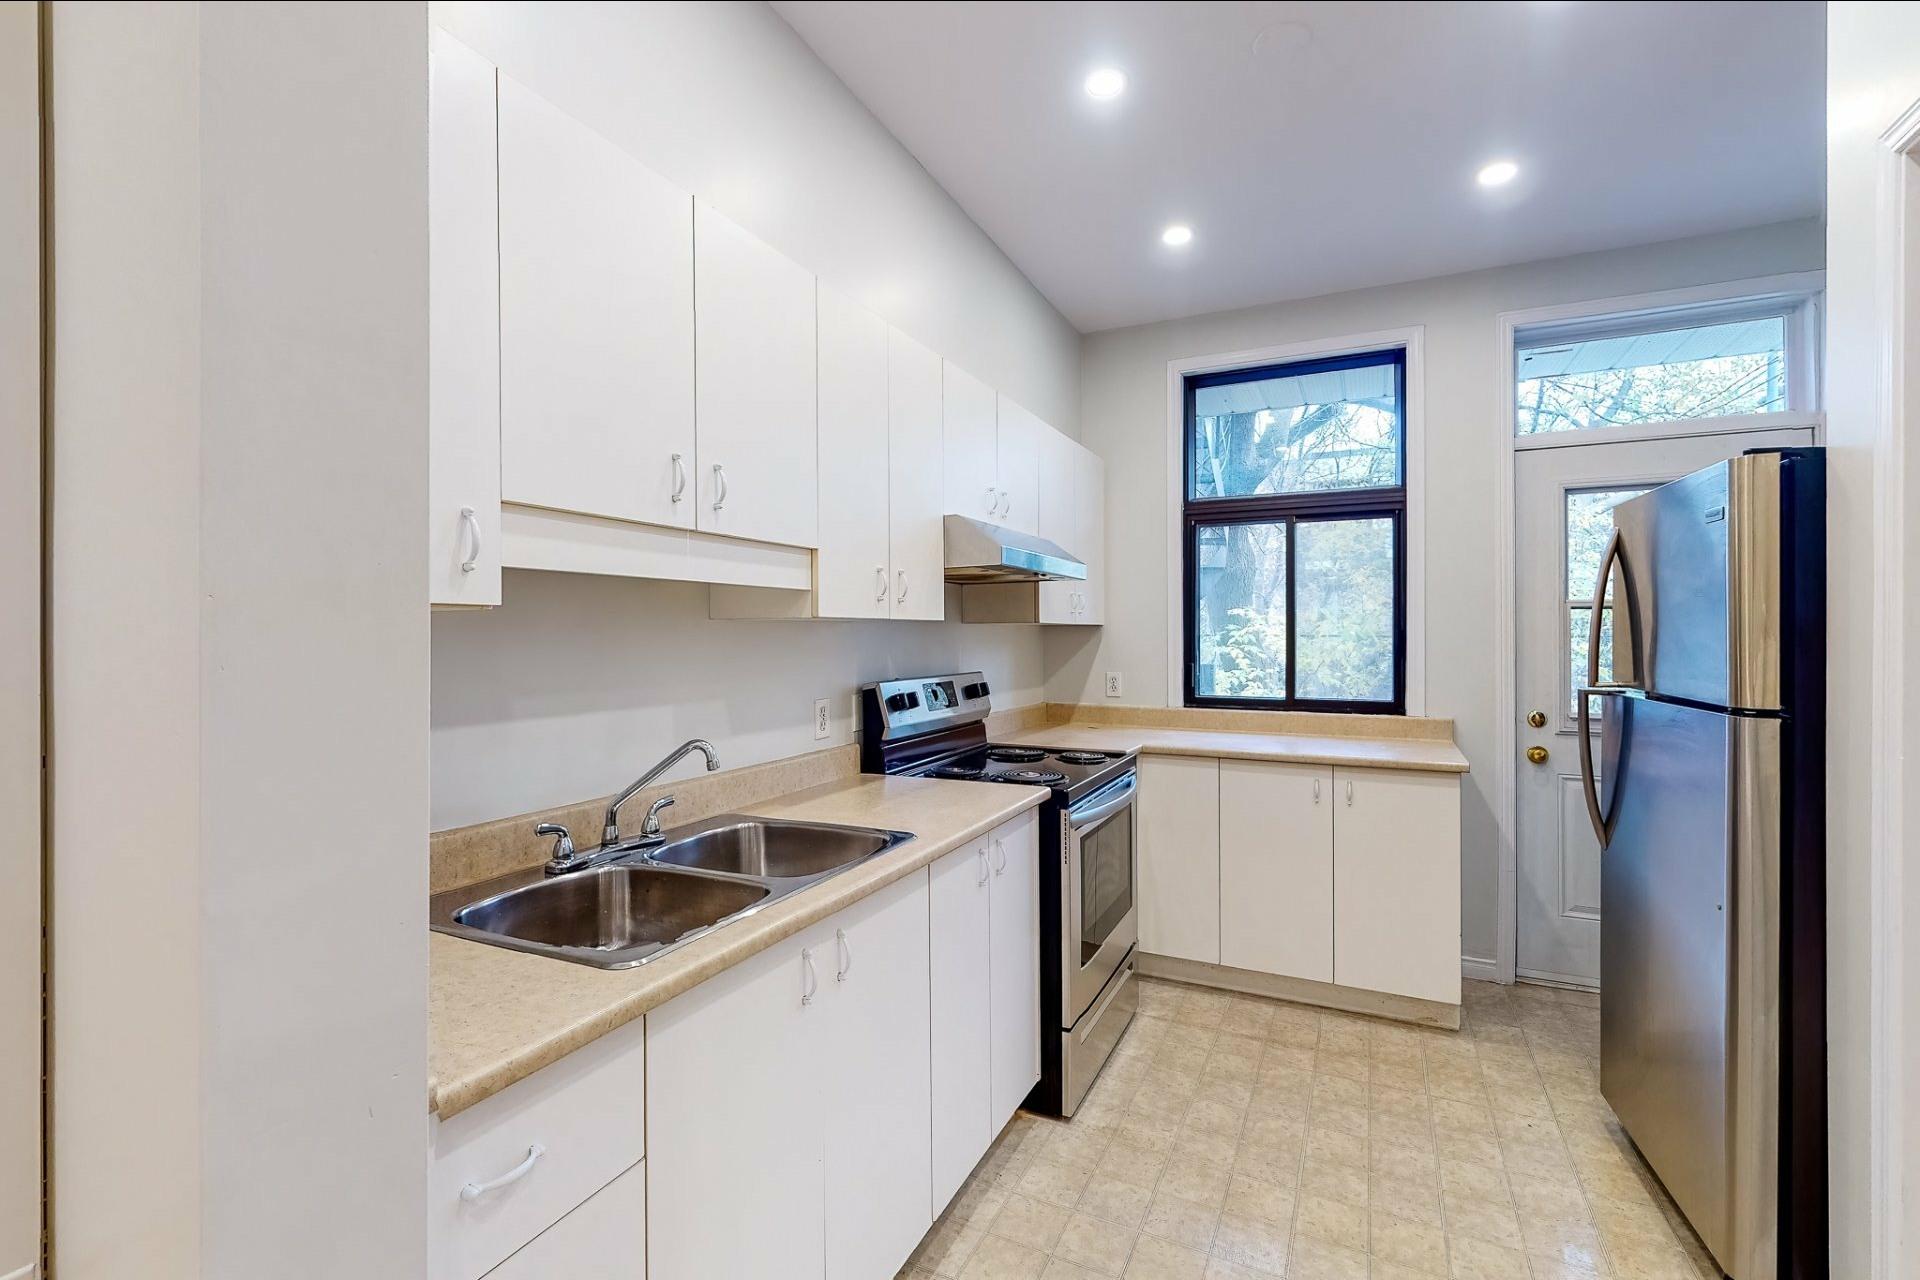 image 8 - Appartement À louer Le Plateau-Mont-Royal Montréal  - 5 pièces